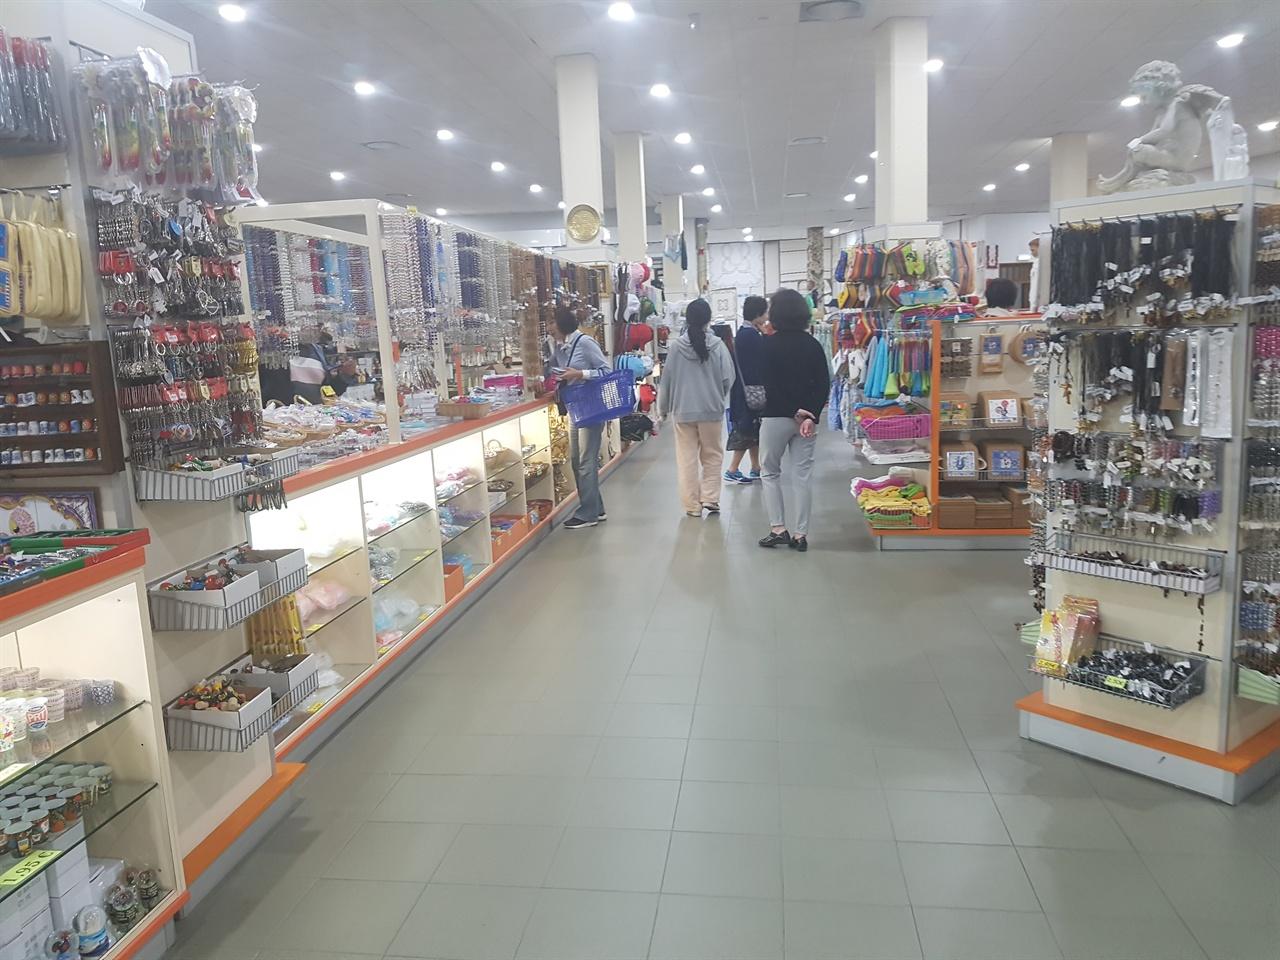 파티마 성당 가까이 있는 성물가게에는 많은 기념품과 다양한 성물들로 가득하였습니다.